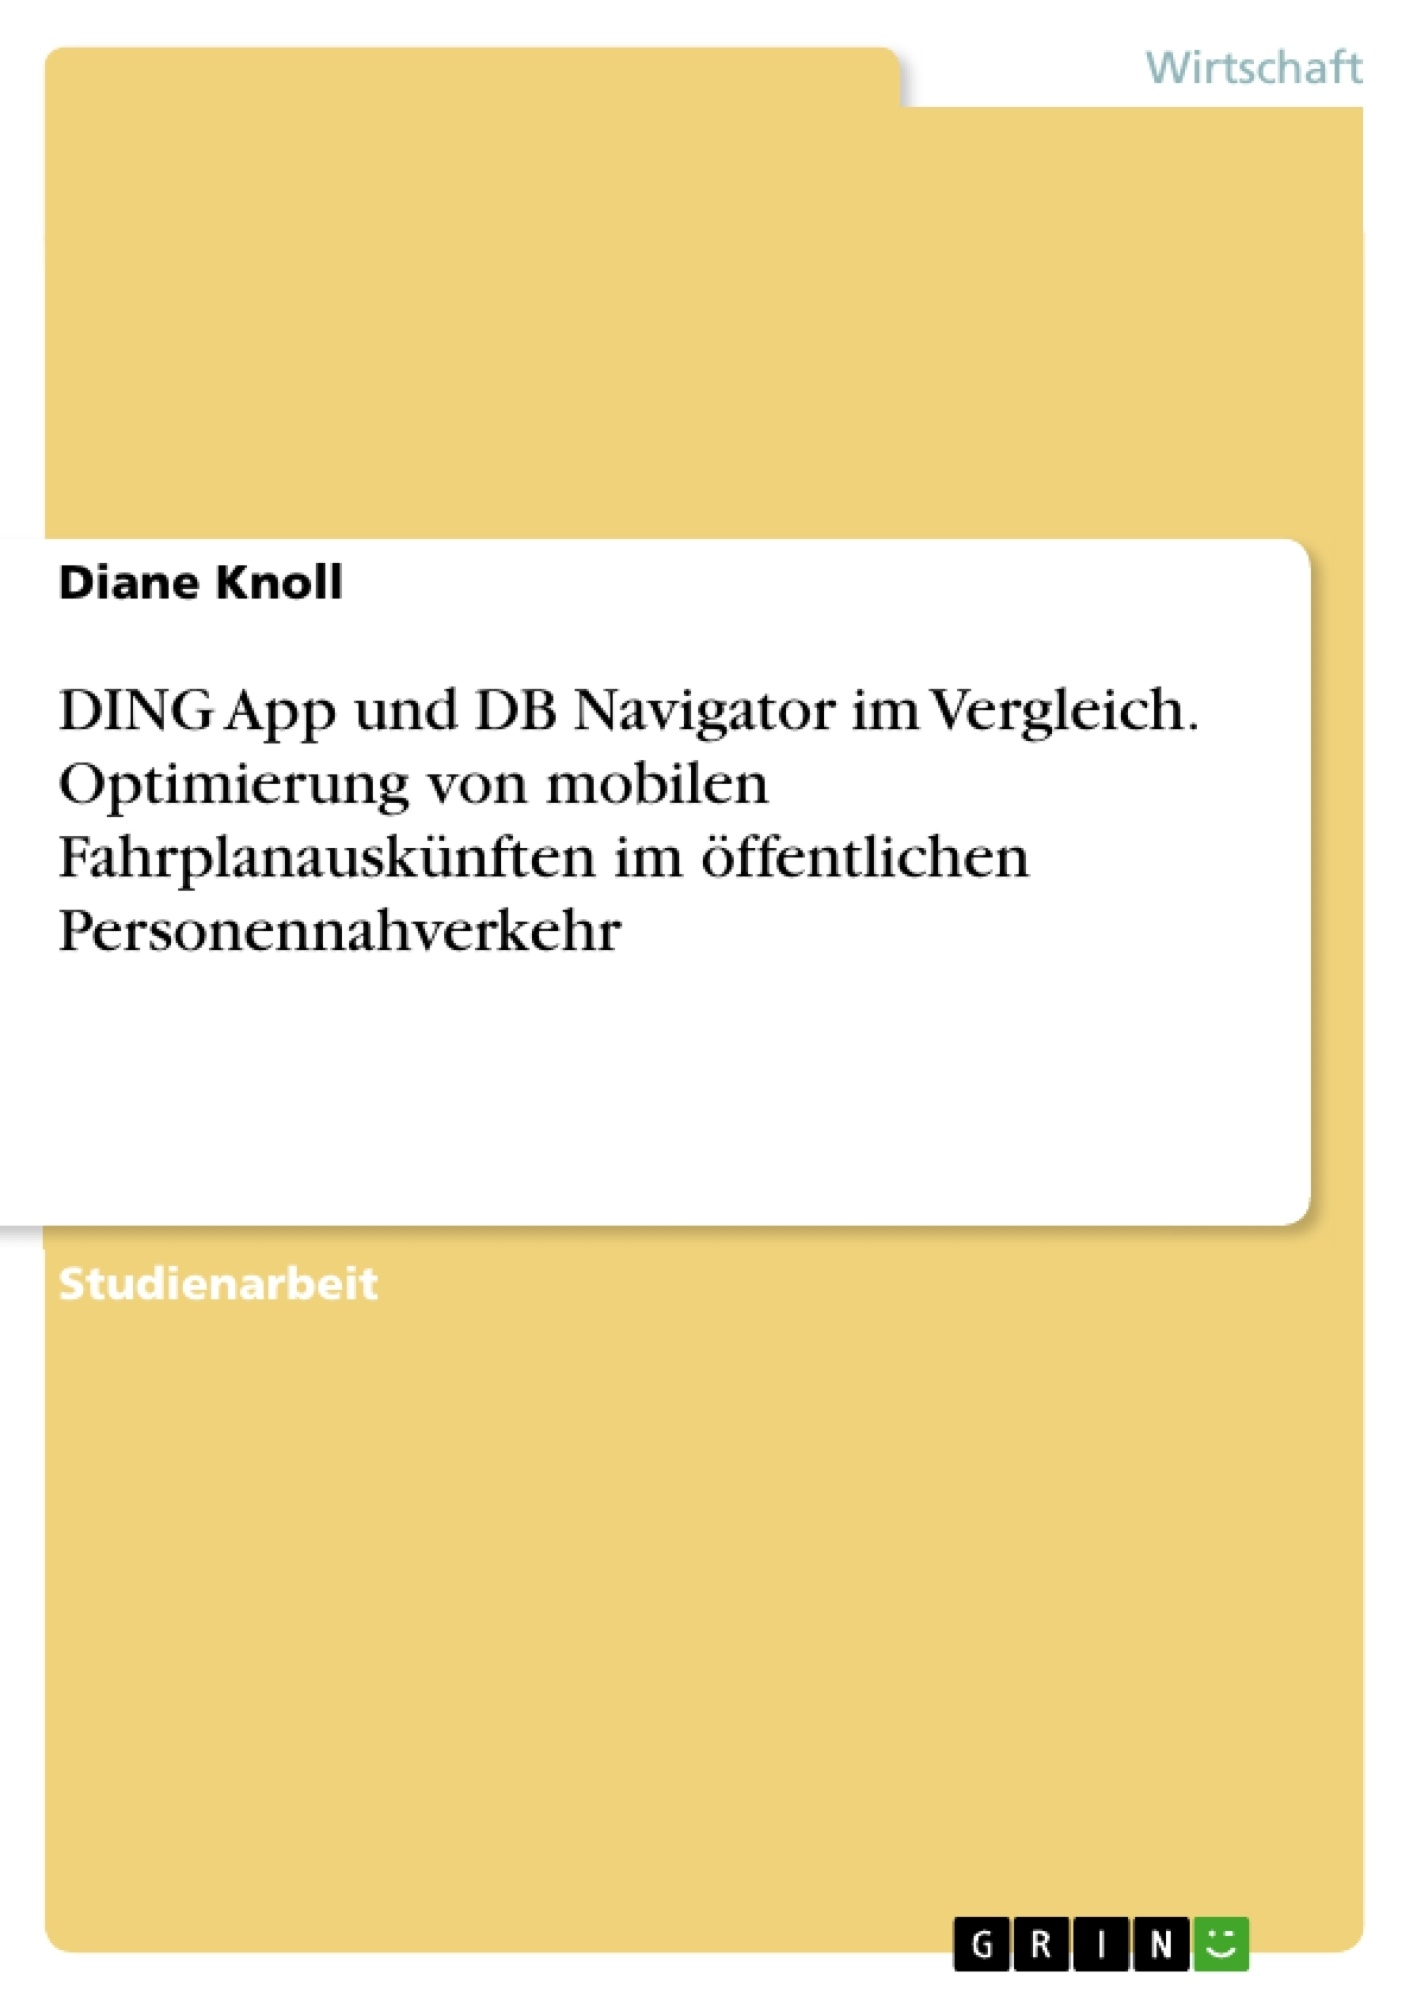 Titel: DING App und DB Navigator im Vergleich. Optimierung von mobilen Fahrplanauskünften im öffentlichen Personennahverkehr